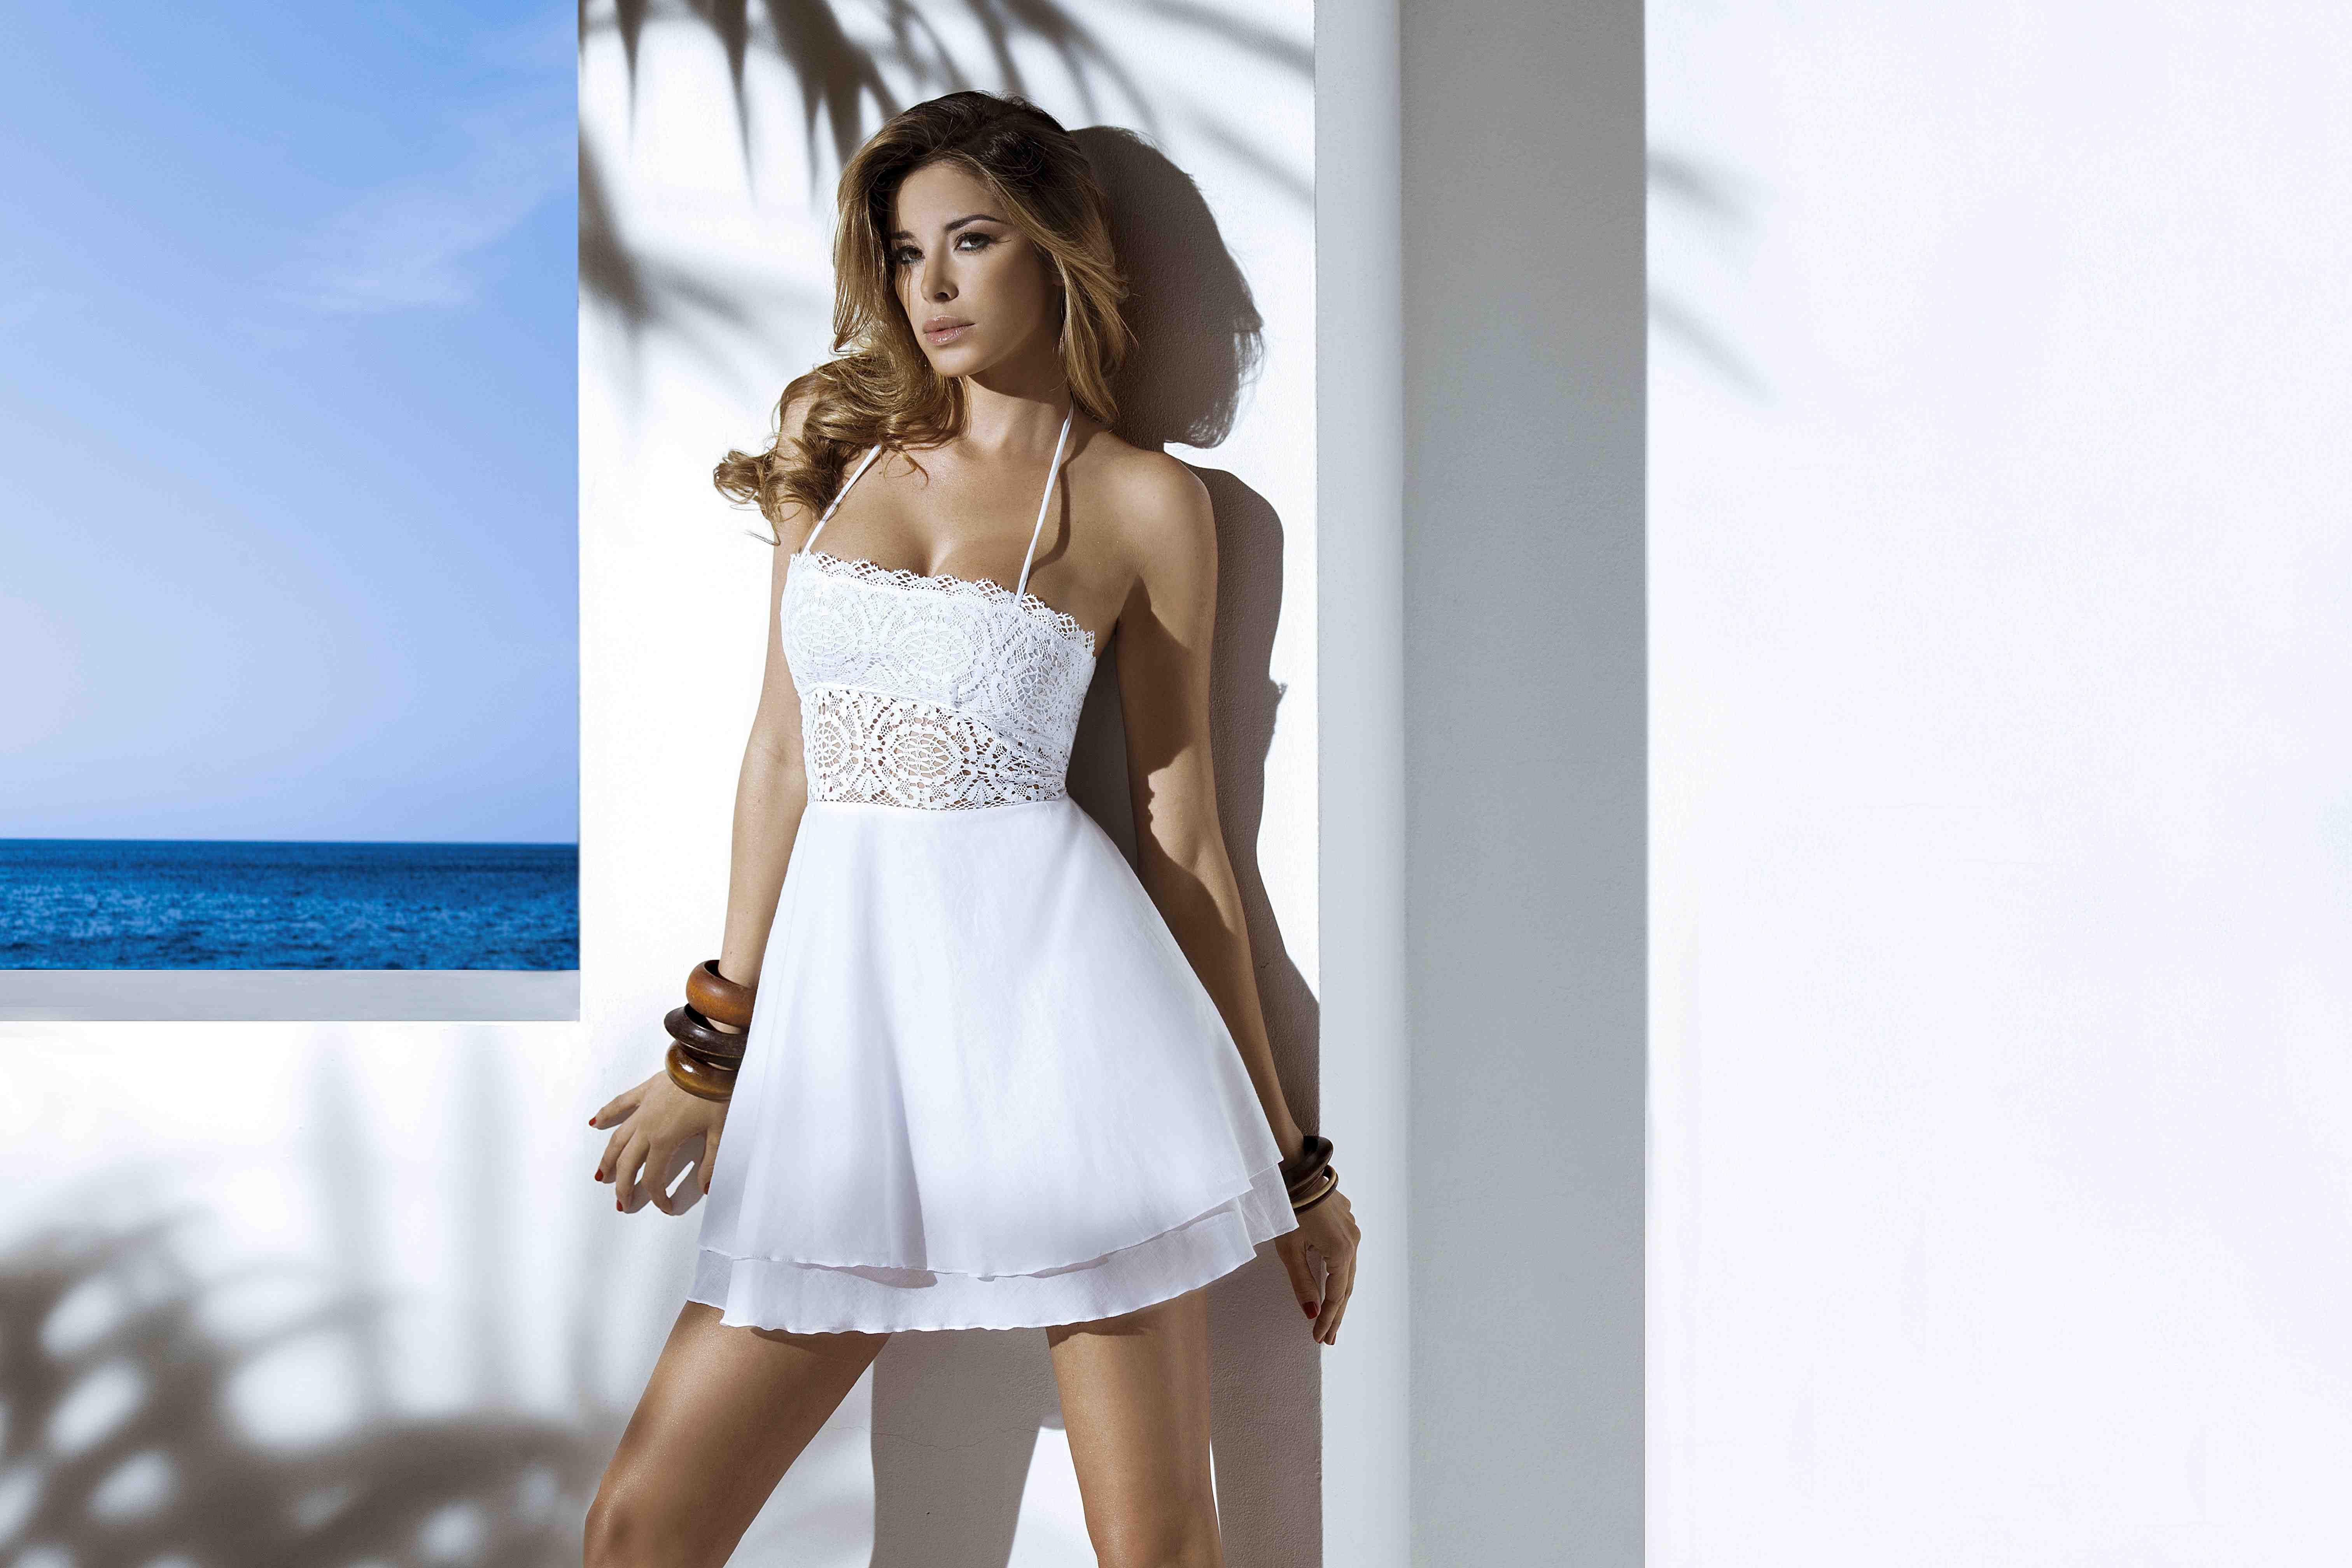 white dress girl 1575663950 - White Dress Girl -